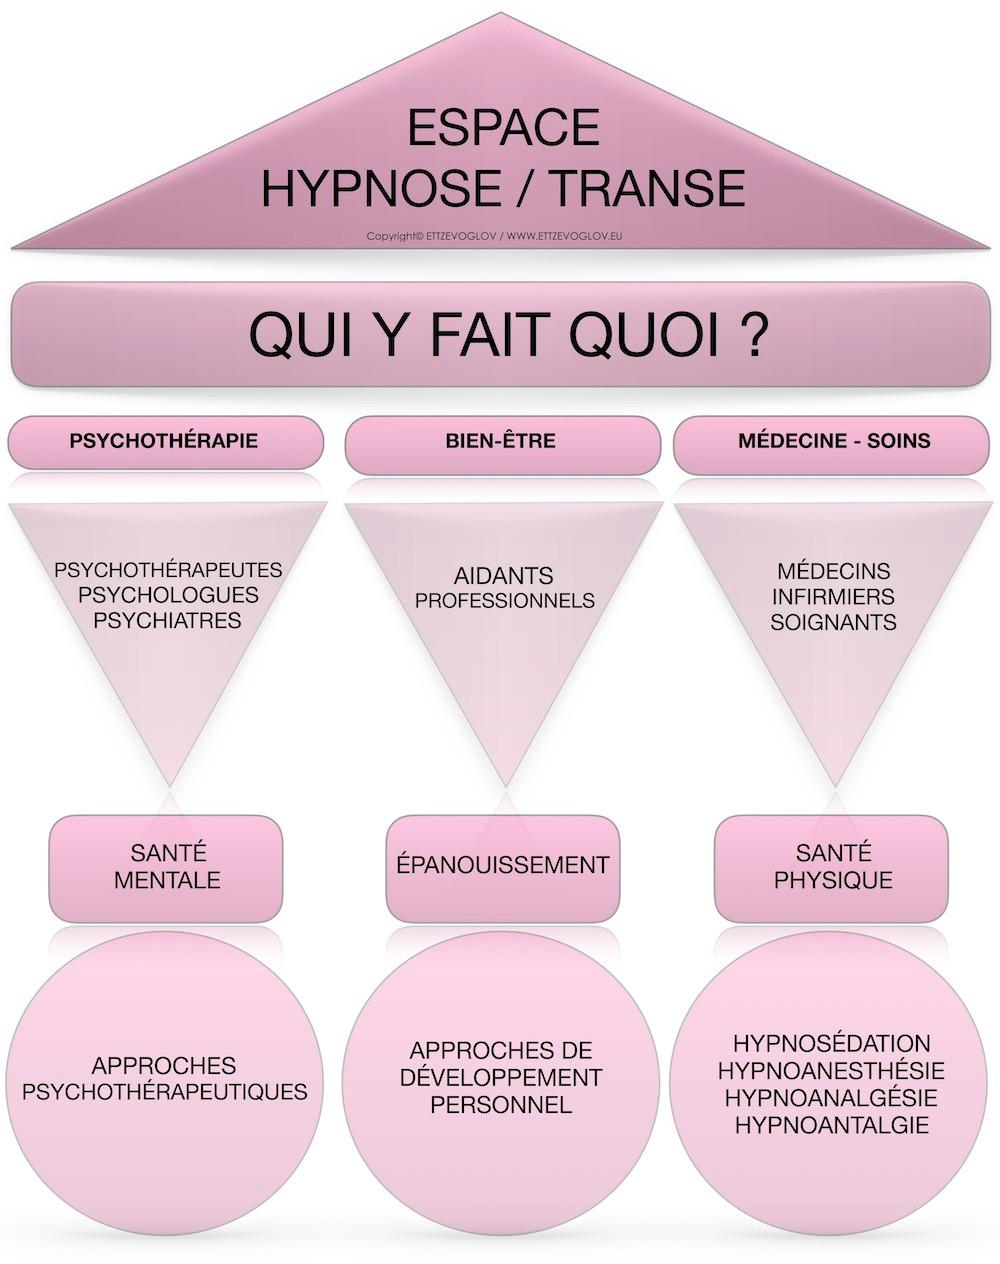 hypnose-france-comment-choisir-un-praticien